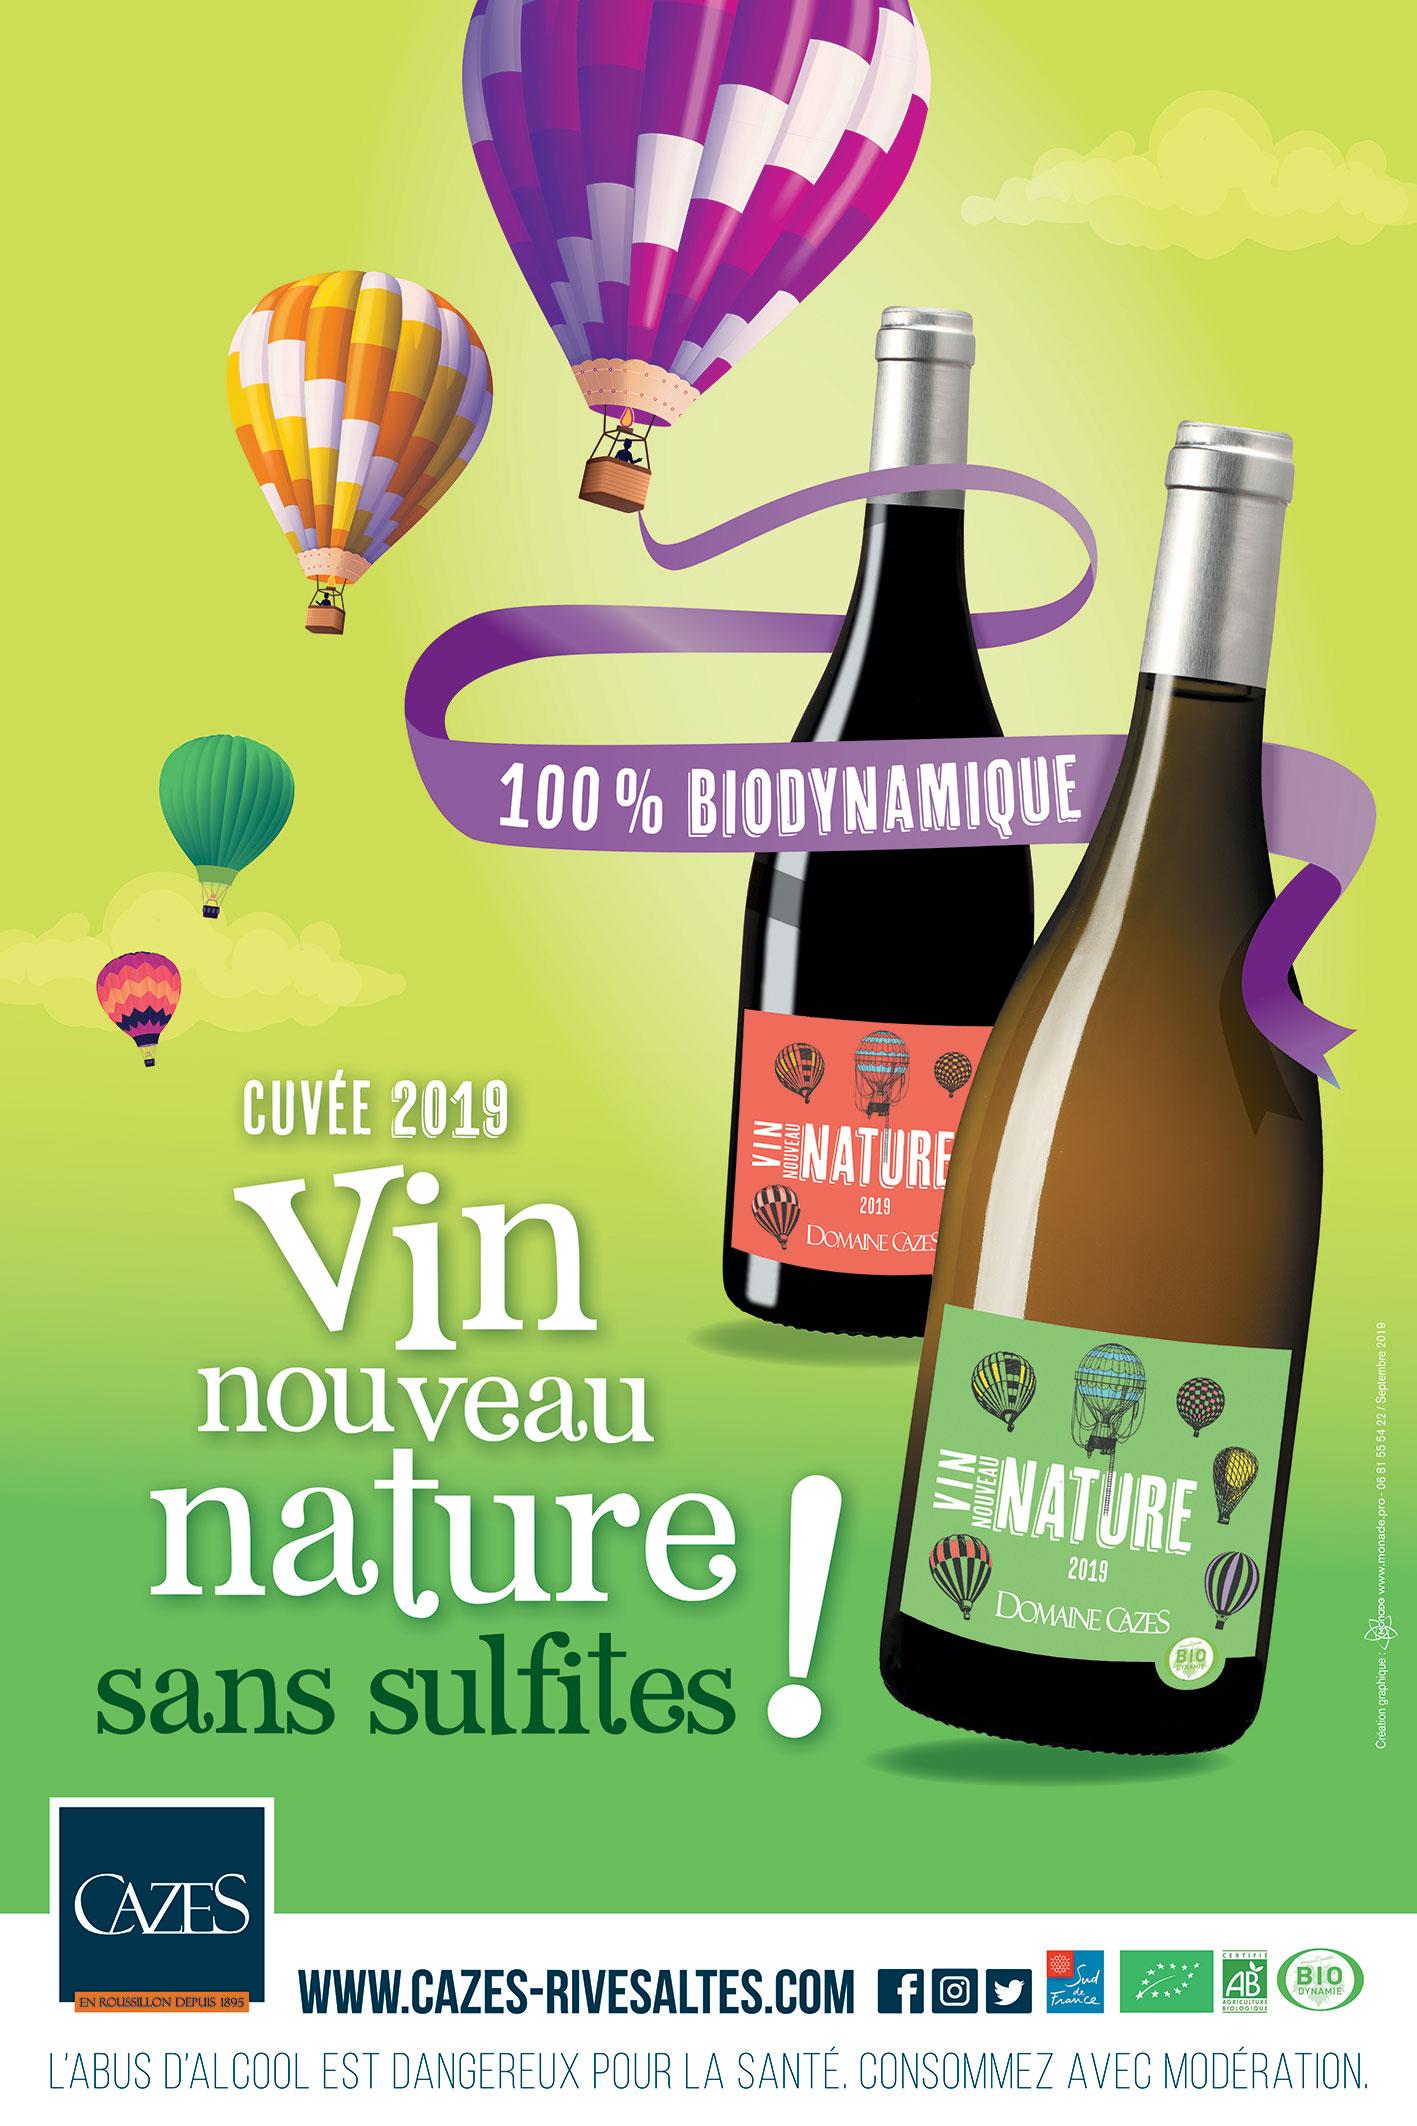 affiche-CAZES-vin-nouveau-03-72dpi.jpg